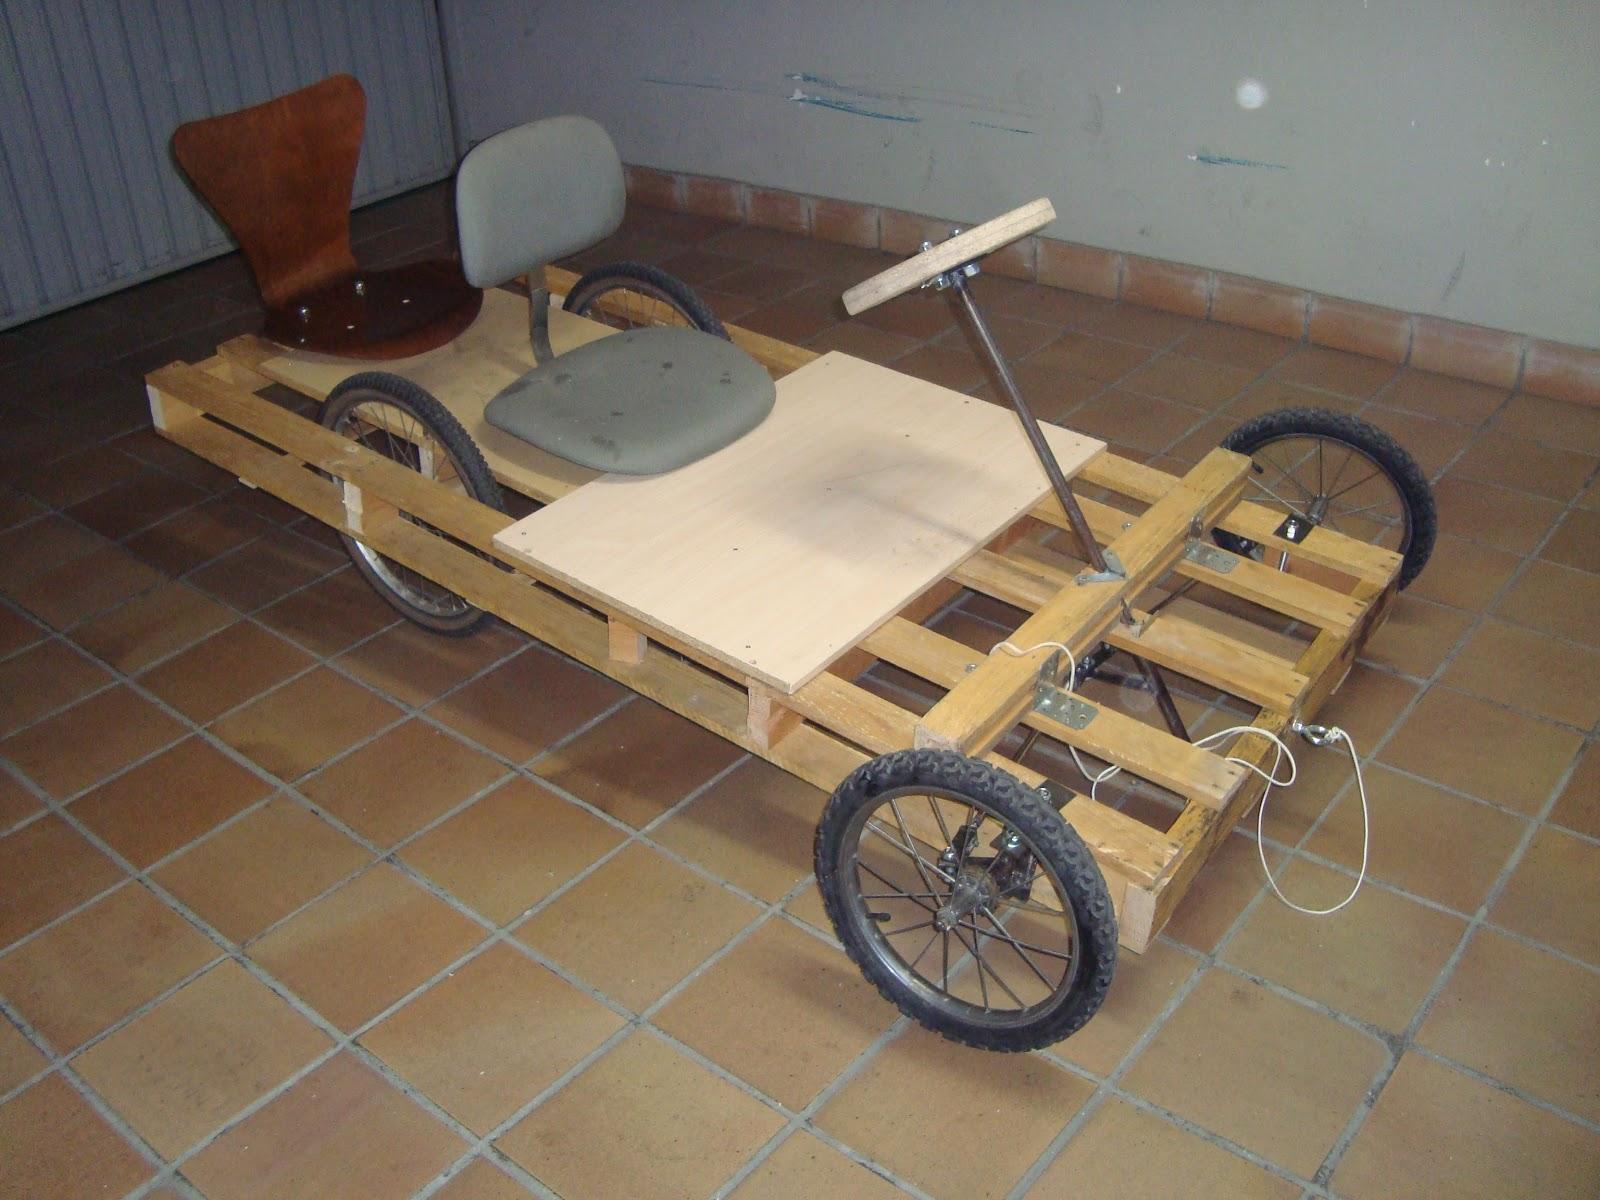 El blog de los ingenieros carro de descenso - Pintar llantas bici ...